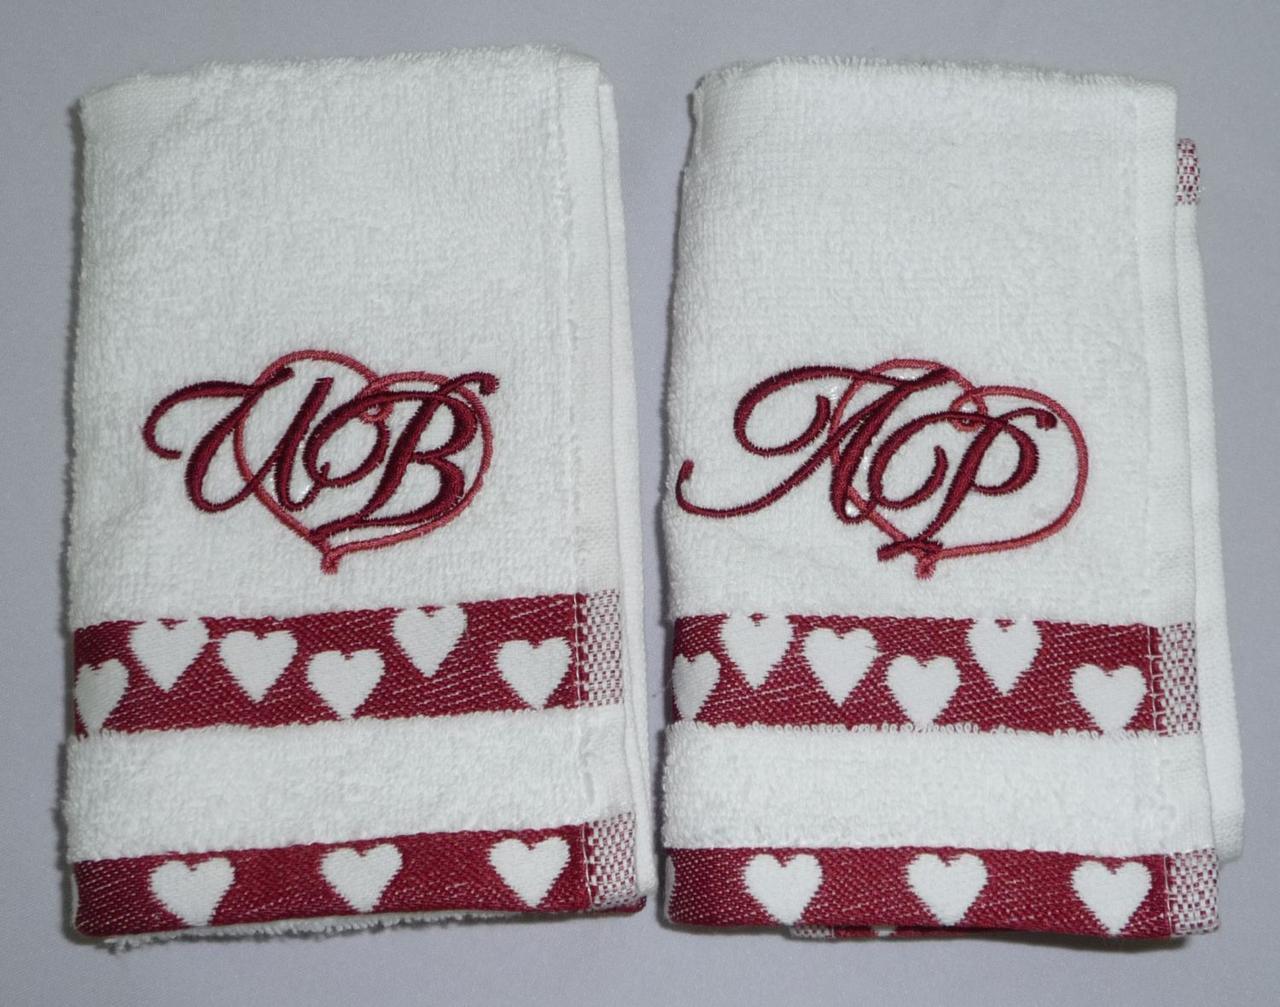 Именное полотенце купить